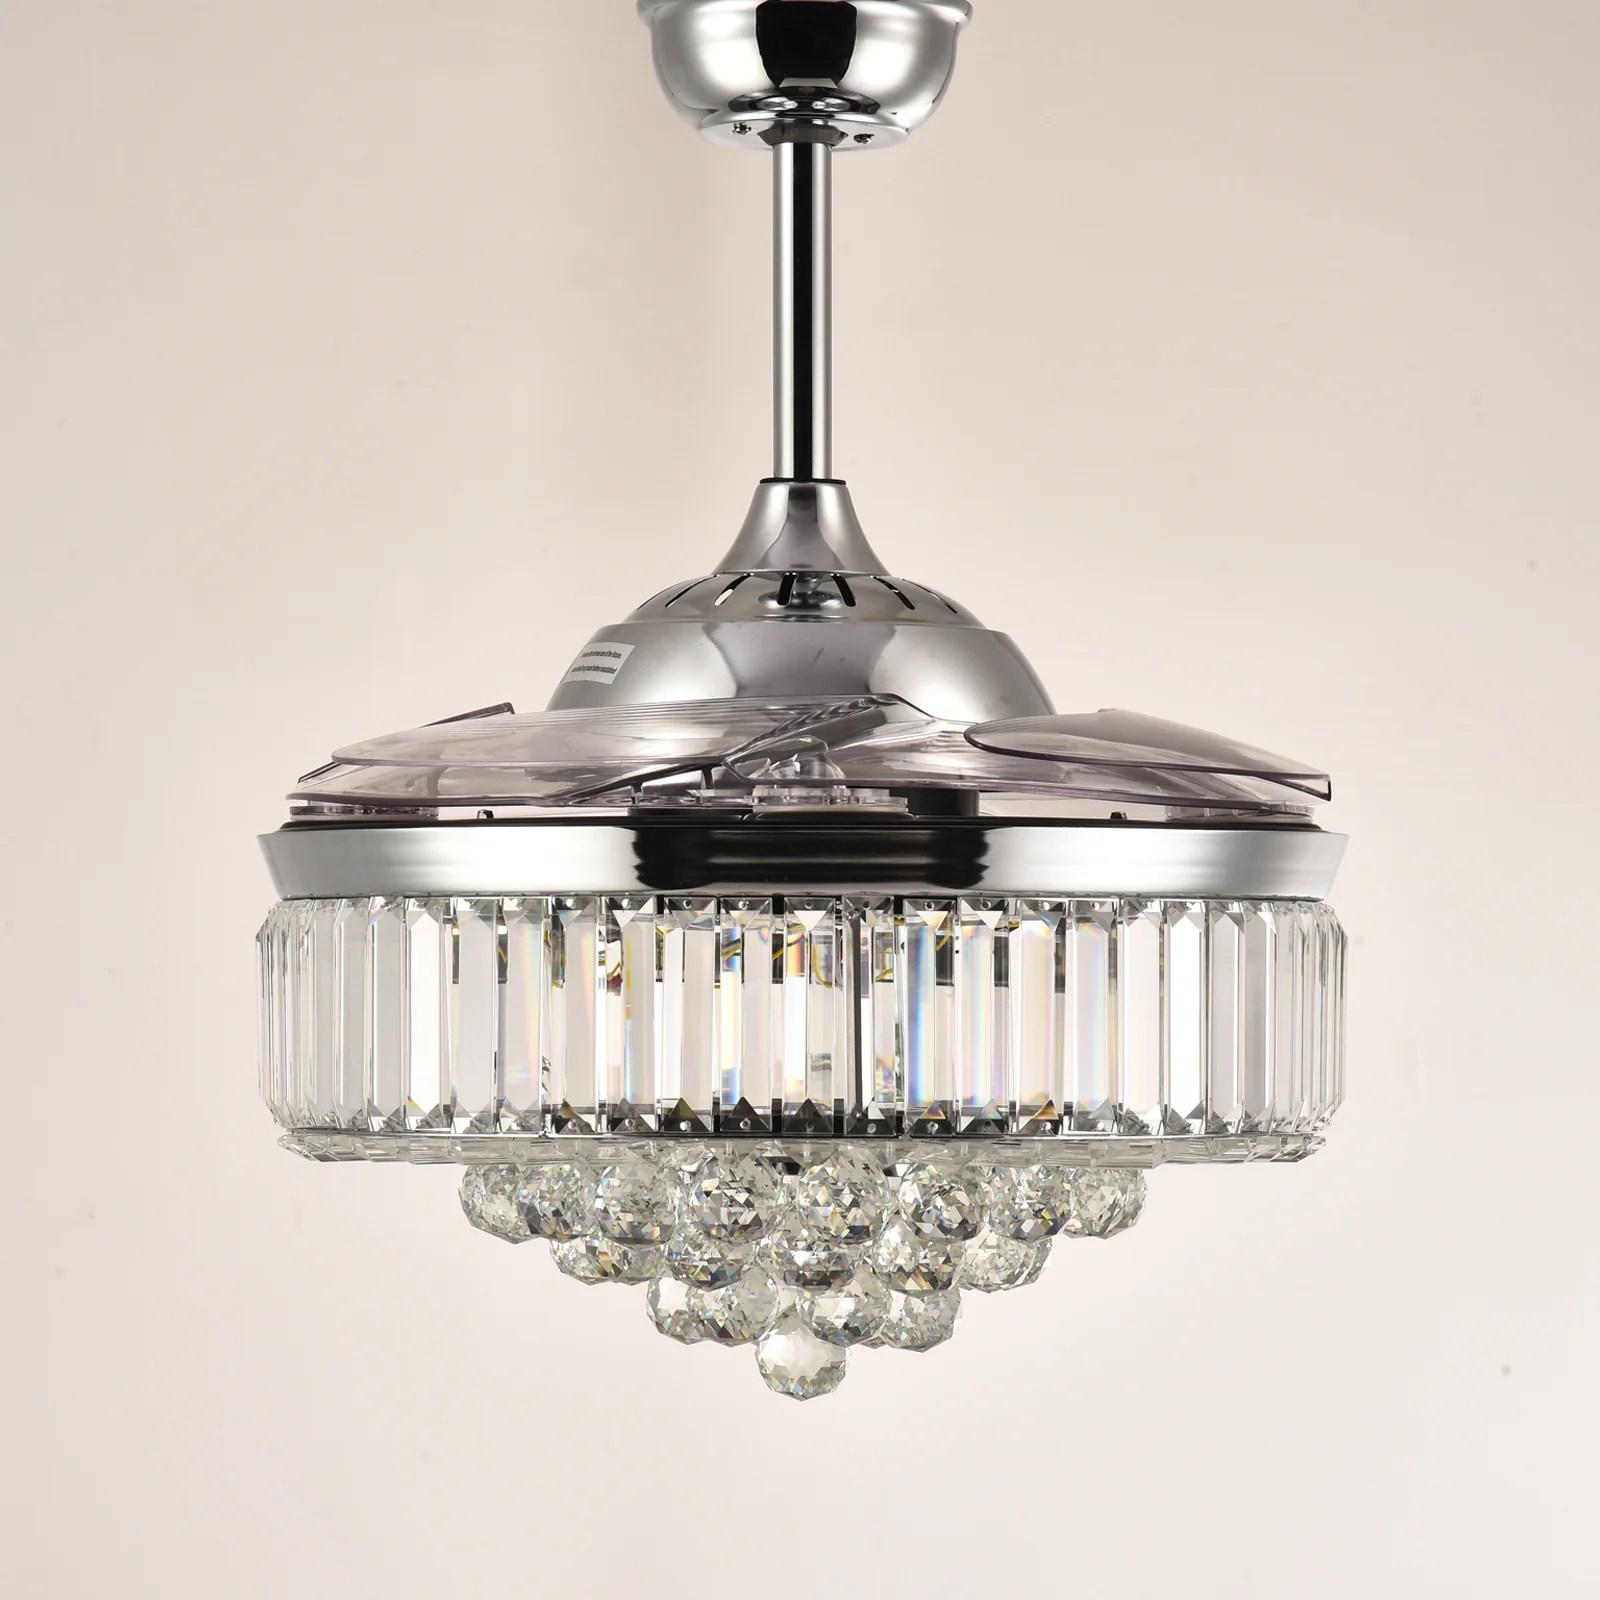 Fullsize Of Chandelier Ceiling Fan